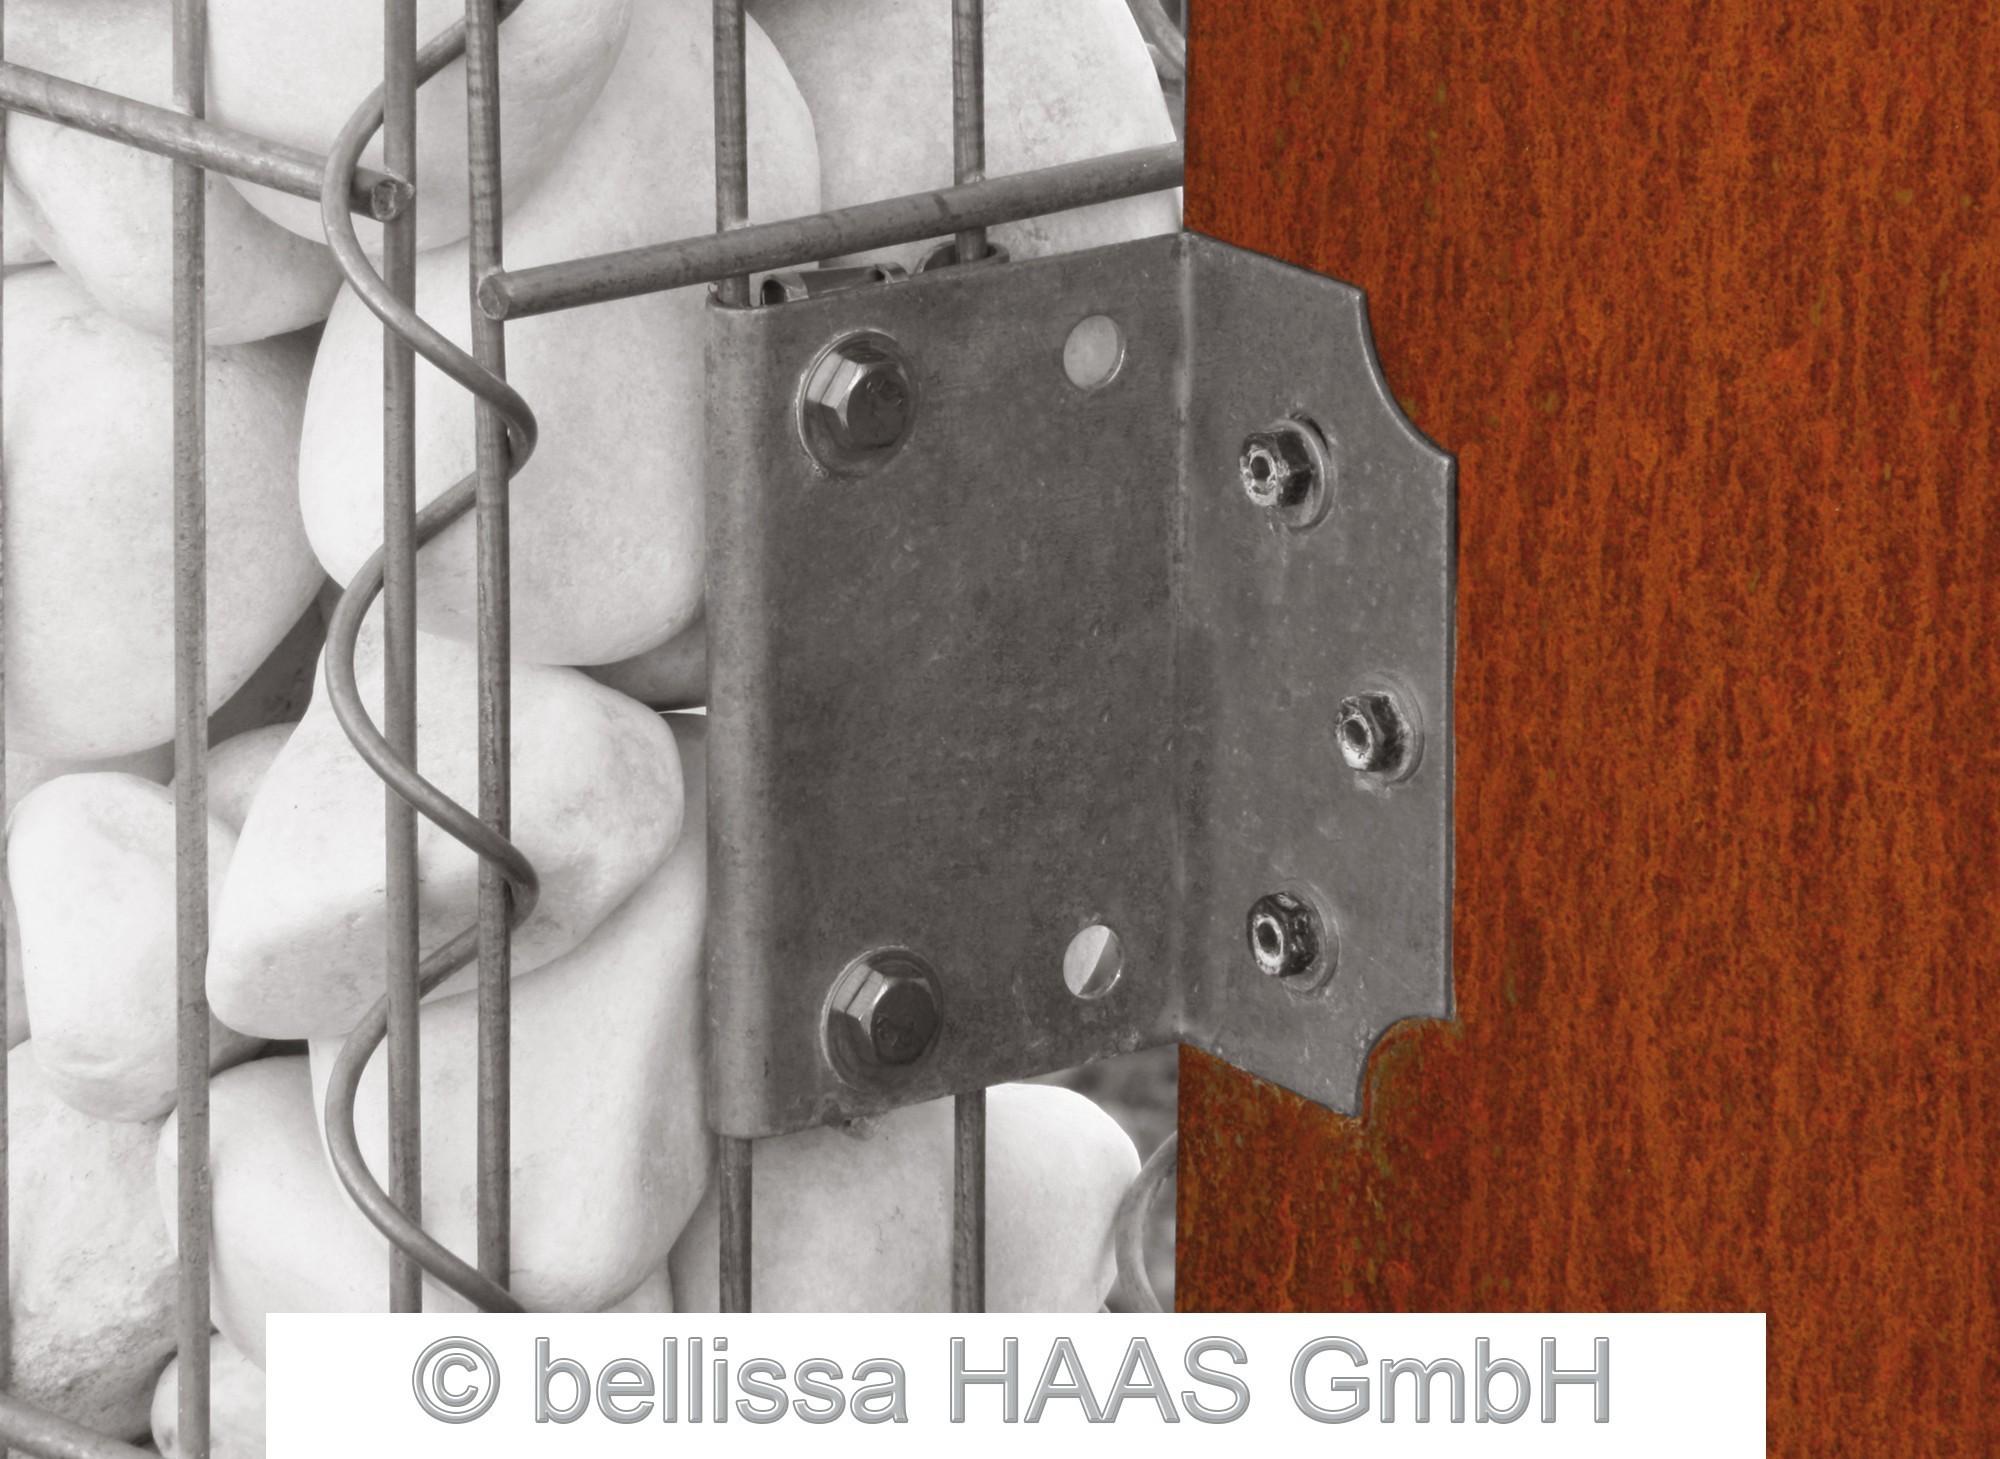 Anbauwinkel für Gabionen bellissa 4,5x9,2cm Bild 3